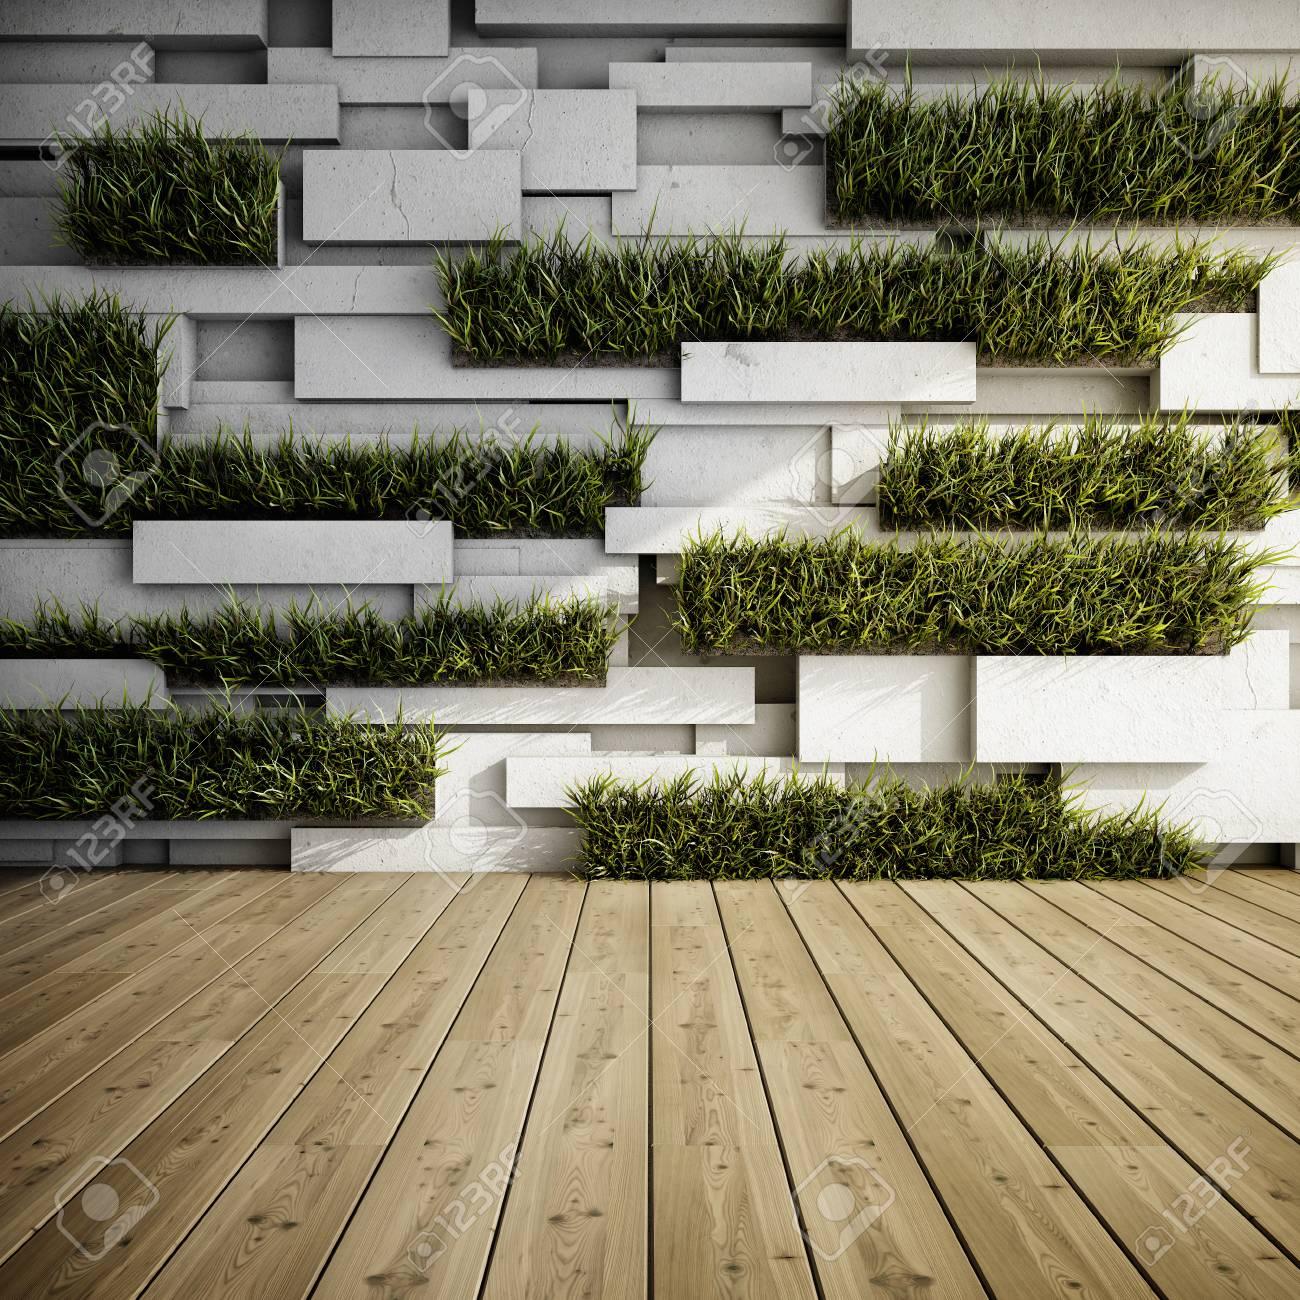 Interior De Muro De Hormigón Decorativo Con Jardines Verticales Ilustración 3d